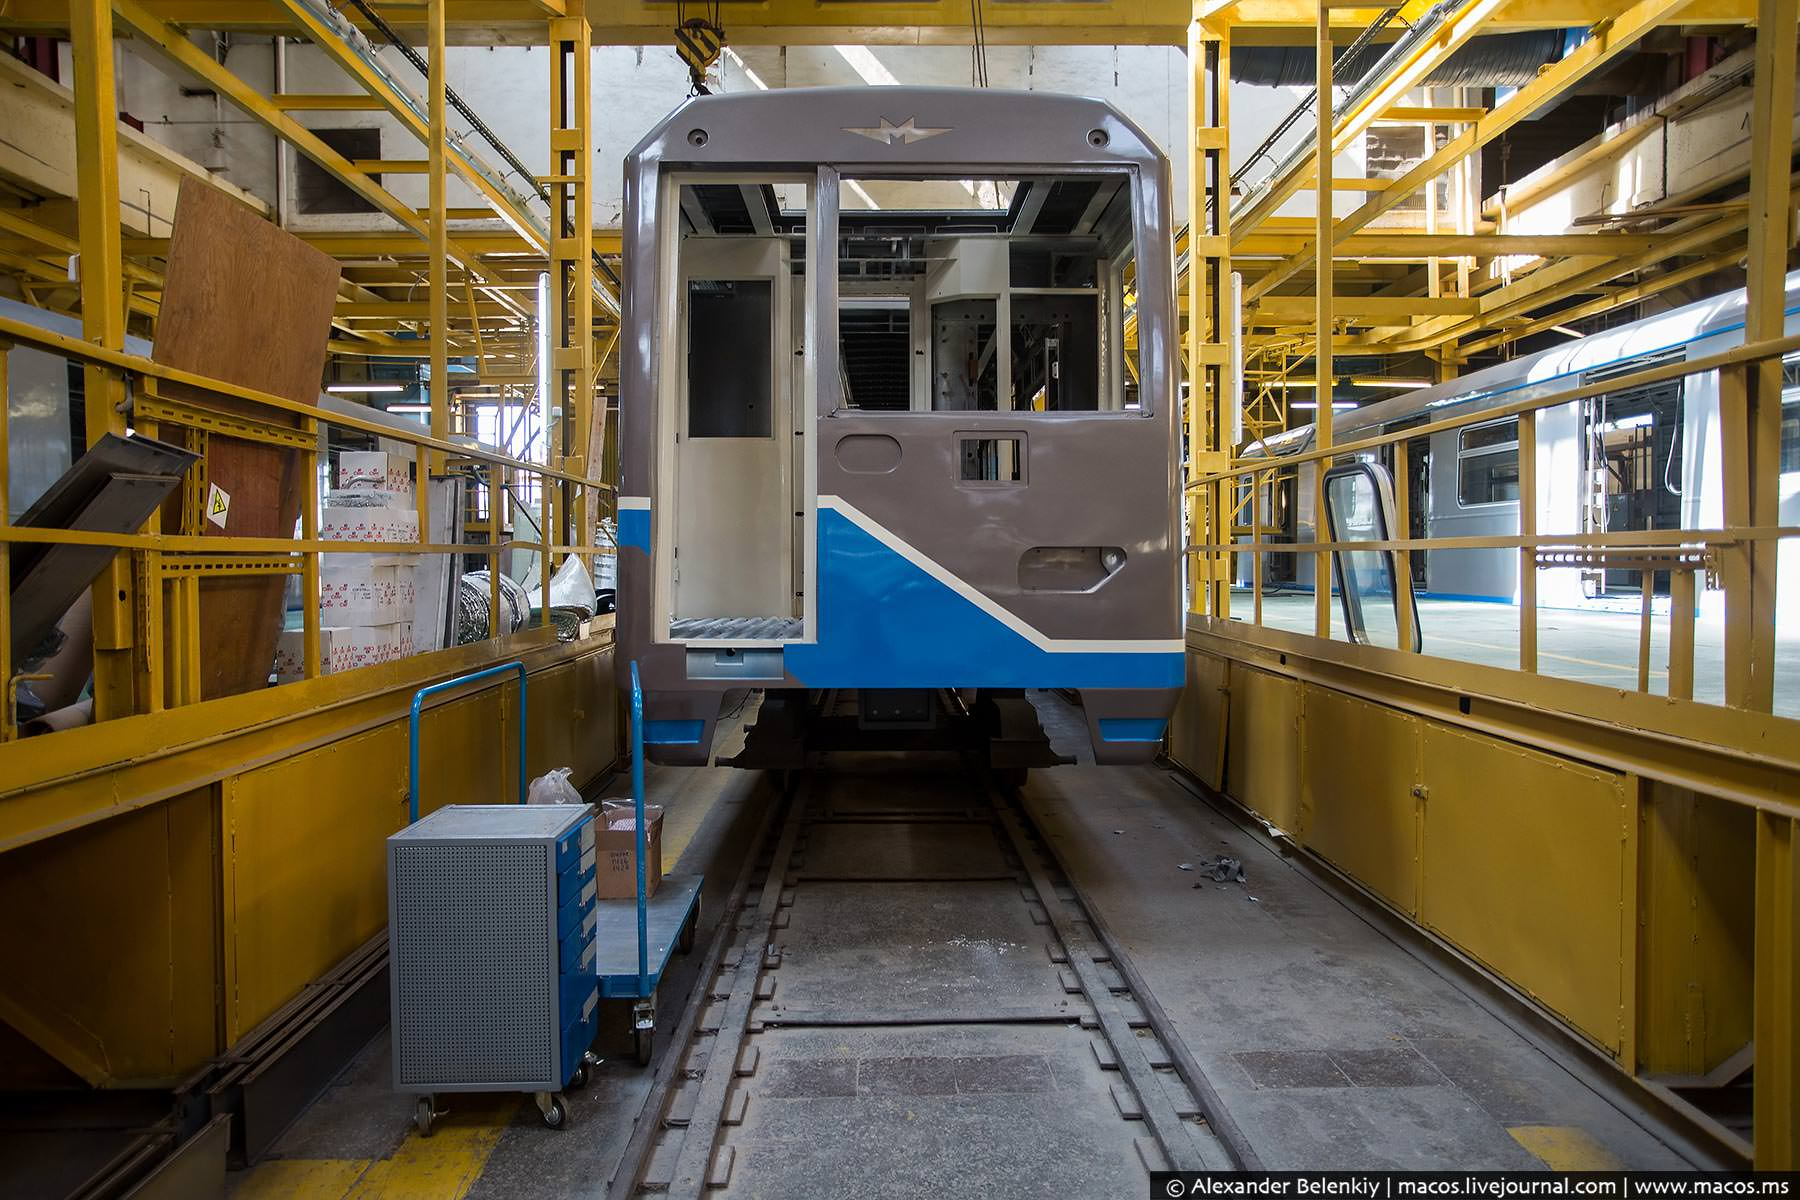 сделать мороженое фото грузового состава метро майами имеет достаточно